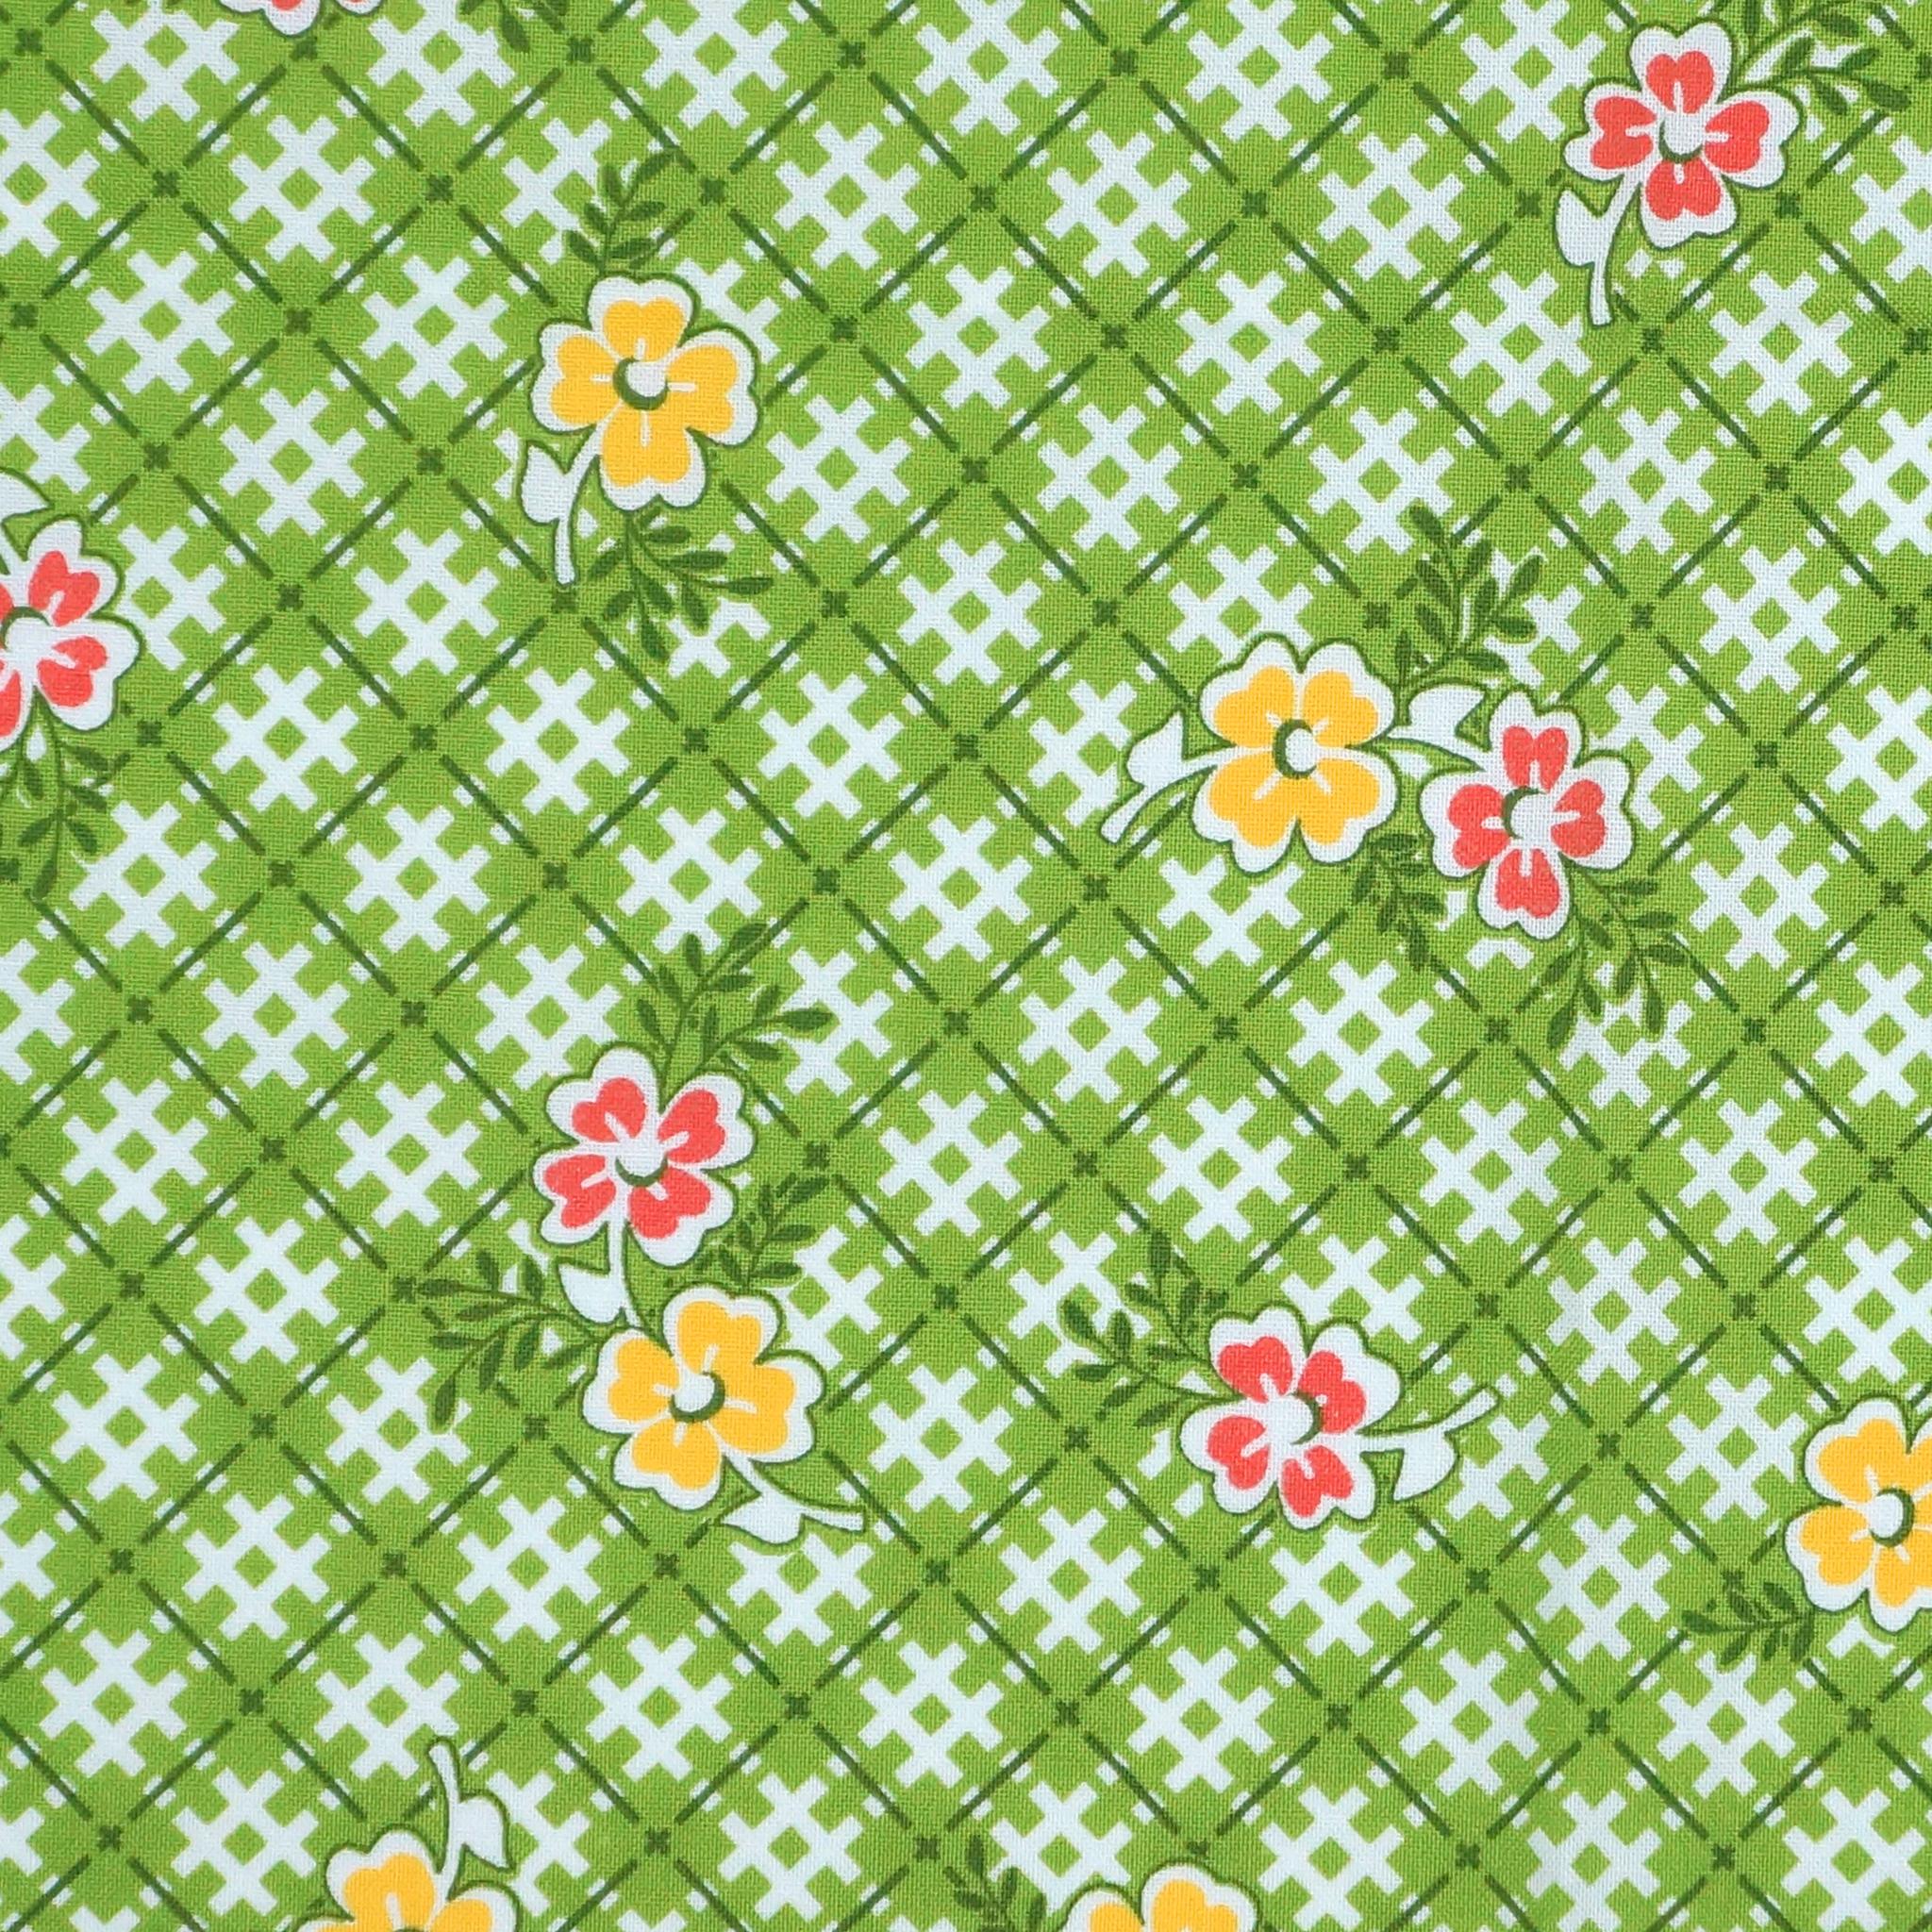 2875-001 DAYDRESS-GRASS